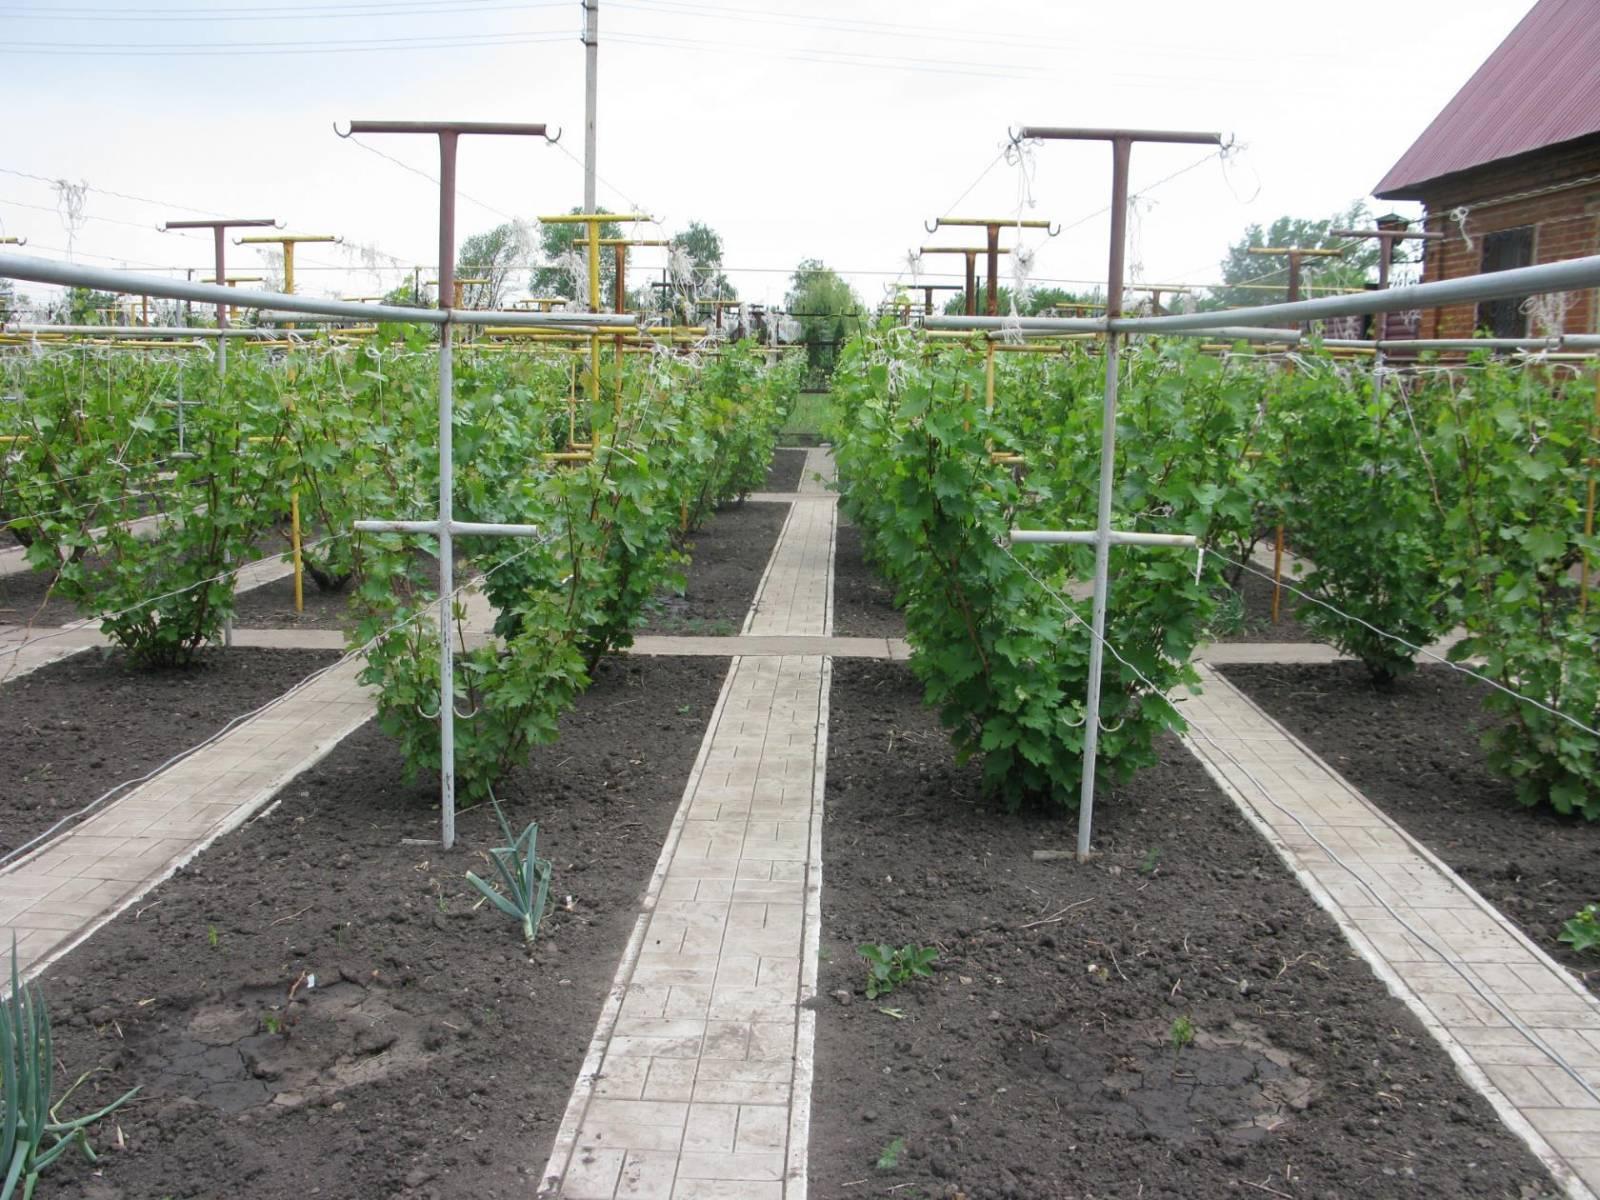 Посадка и уход за виноградом в сибири: инструкция для начинающих